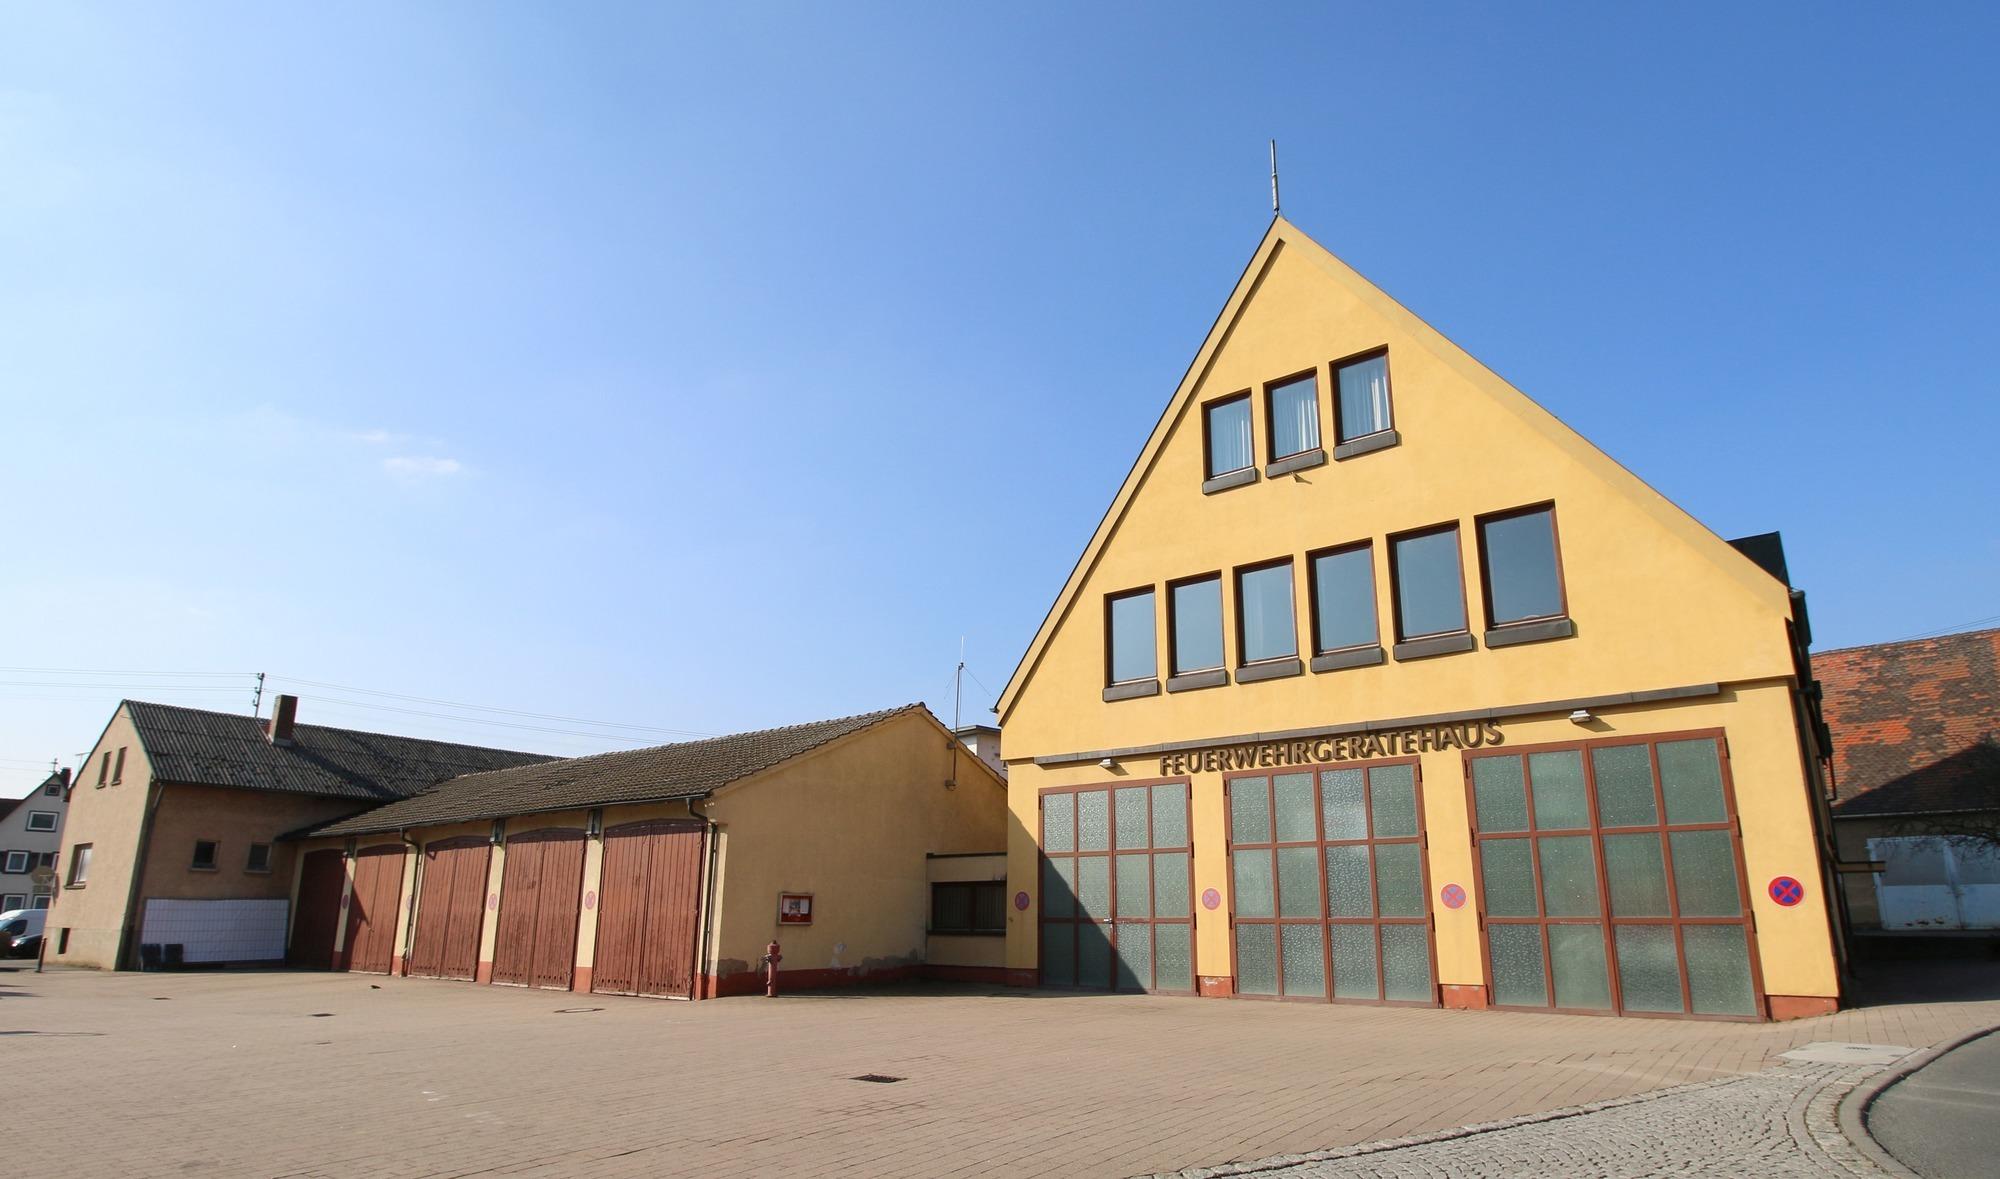 Das Dach Der Garagen Des Feuerwehrgerätehauses (Bildmitte) Muss Dringend  Saniert Werden. Laut Einschätzung Eines Gutachters Besteht Einsturzgefahr.